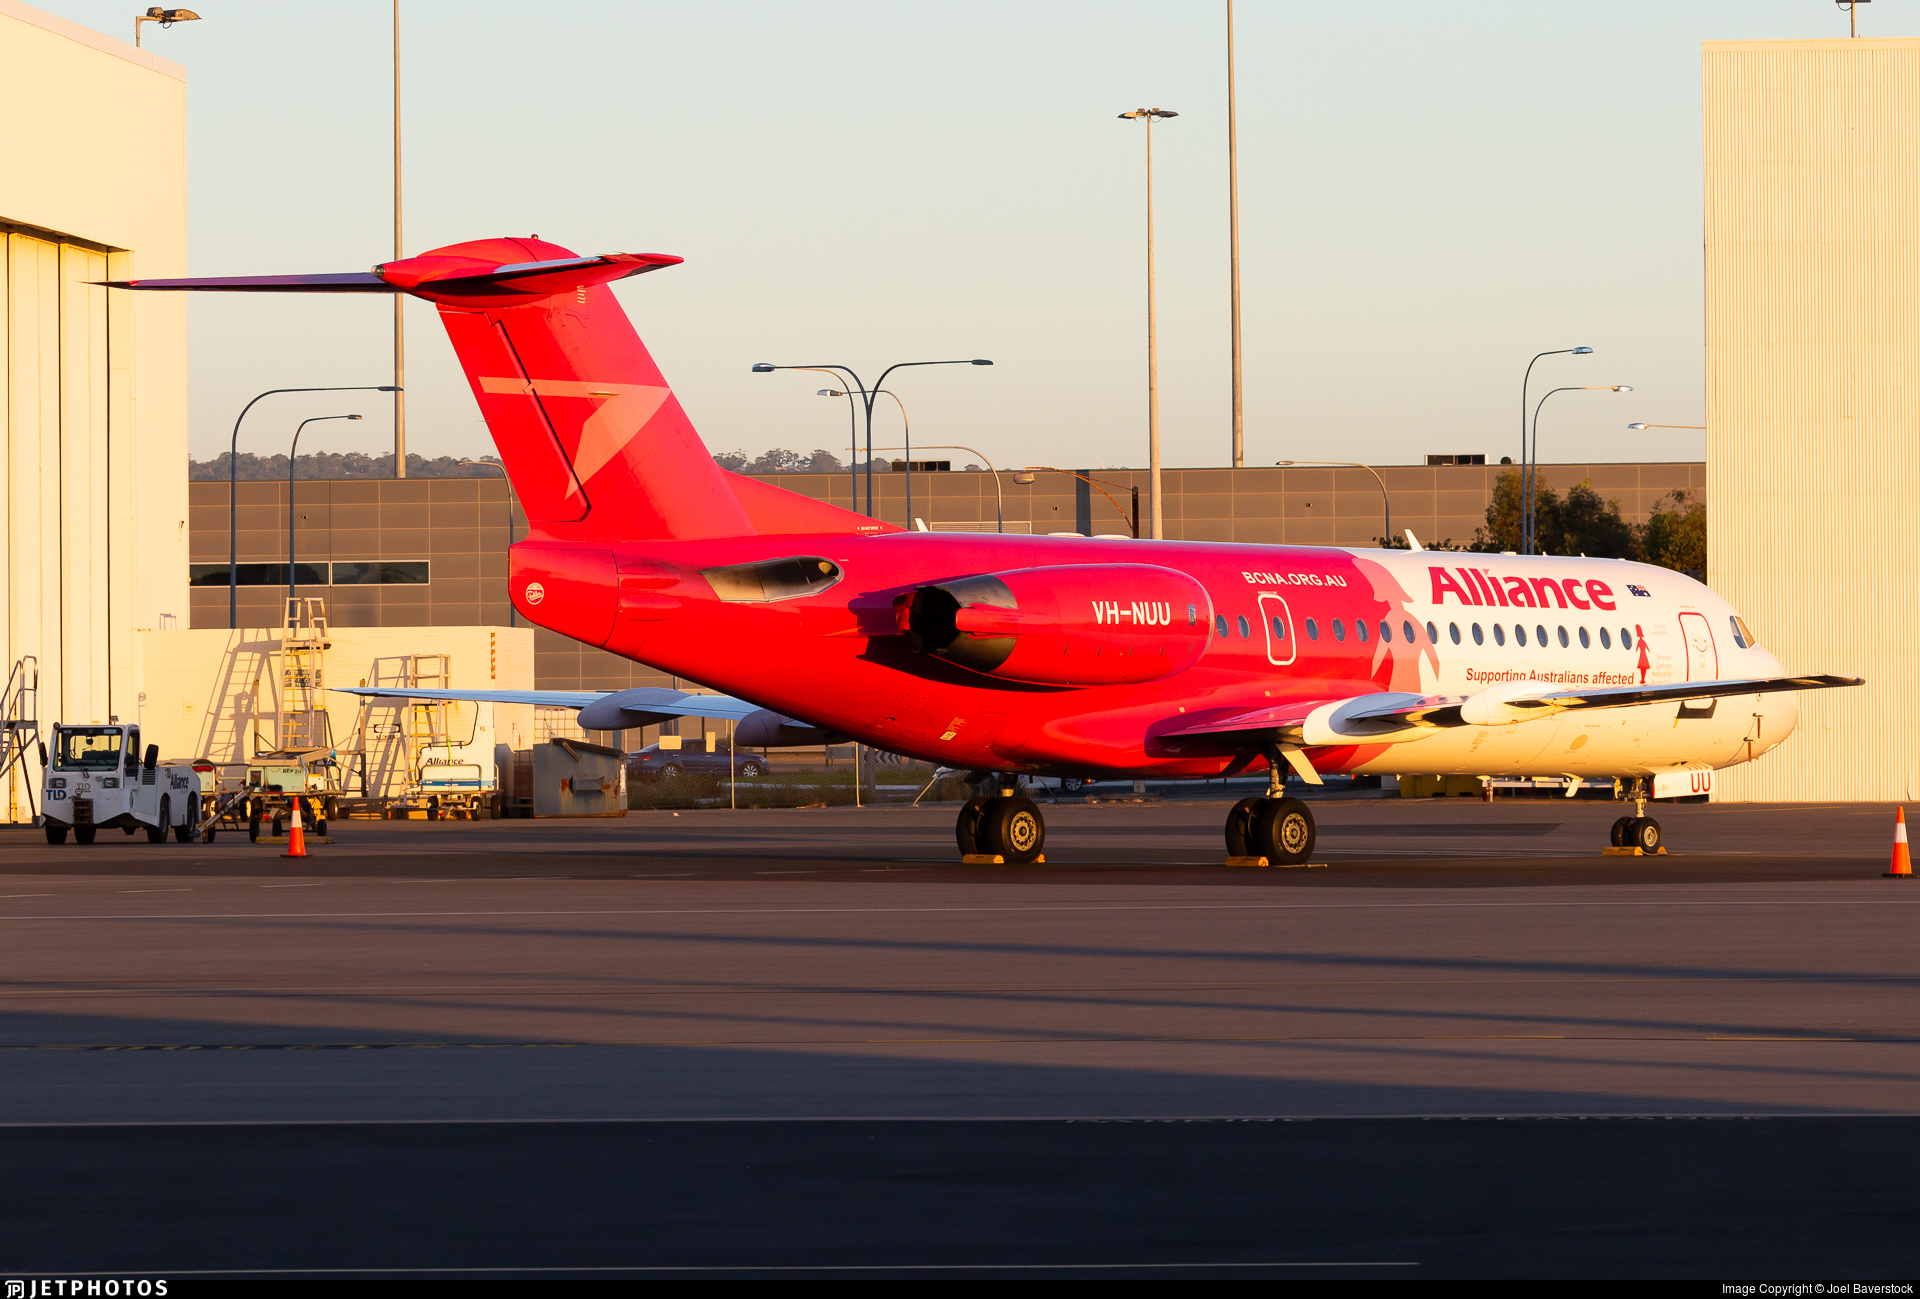 VH-NUU - Fokker 70 - Alliance Airlines